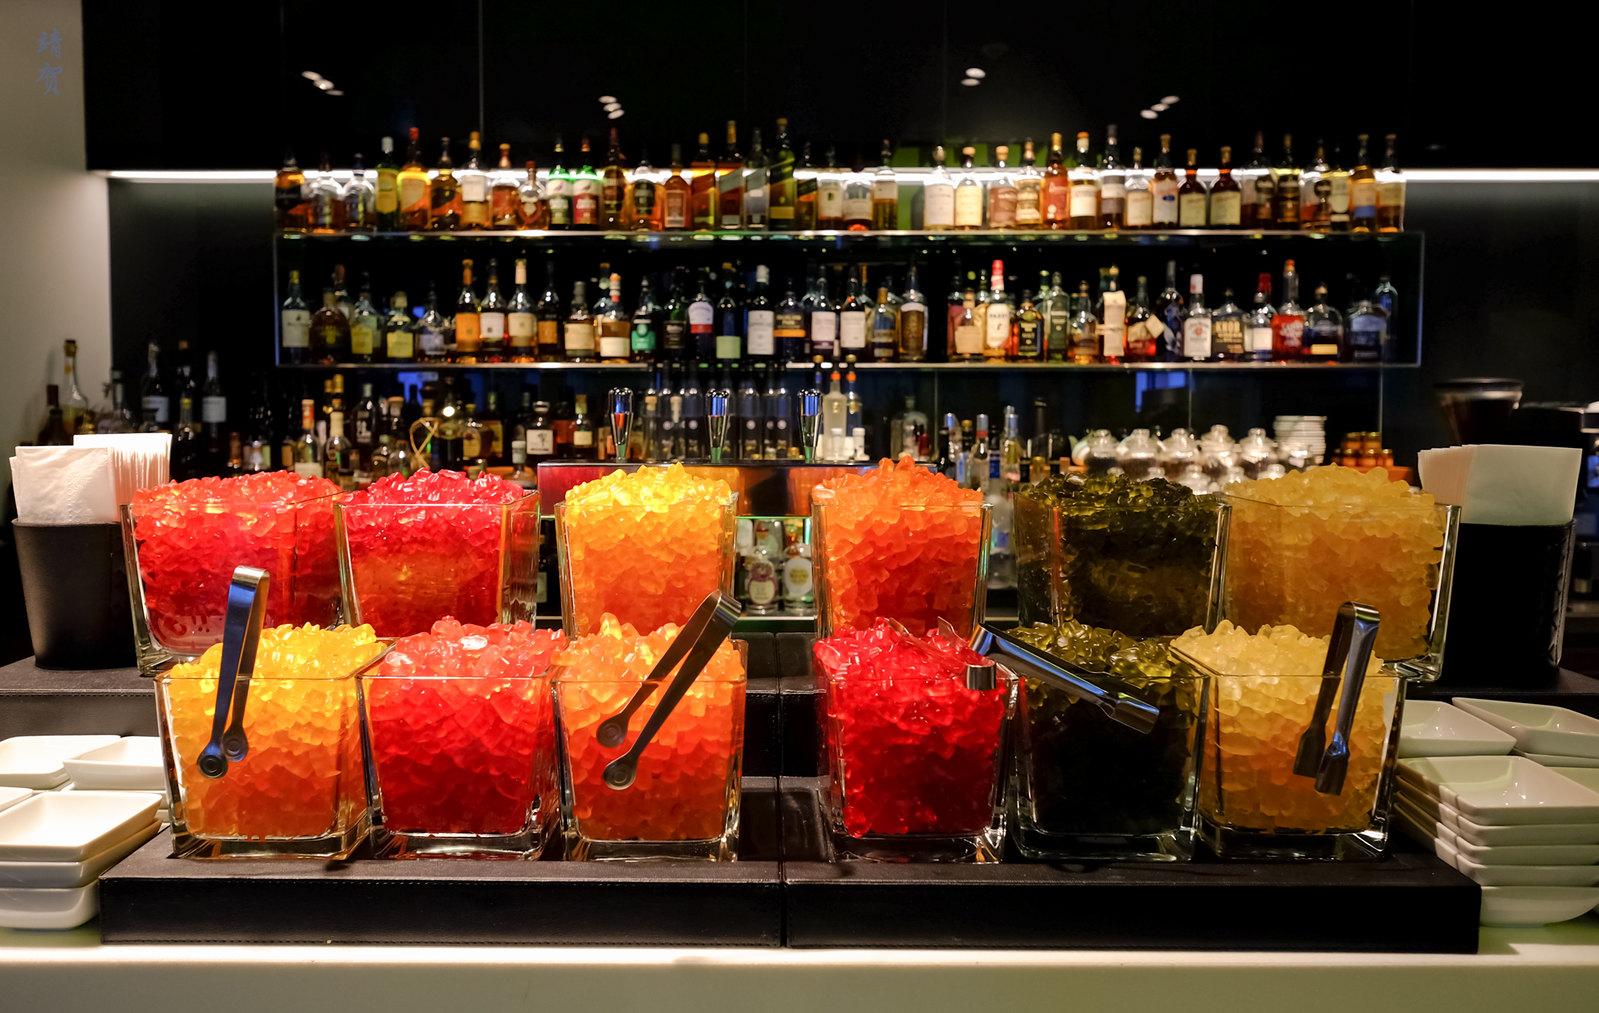 Gummy bears on the bar